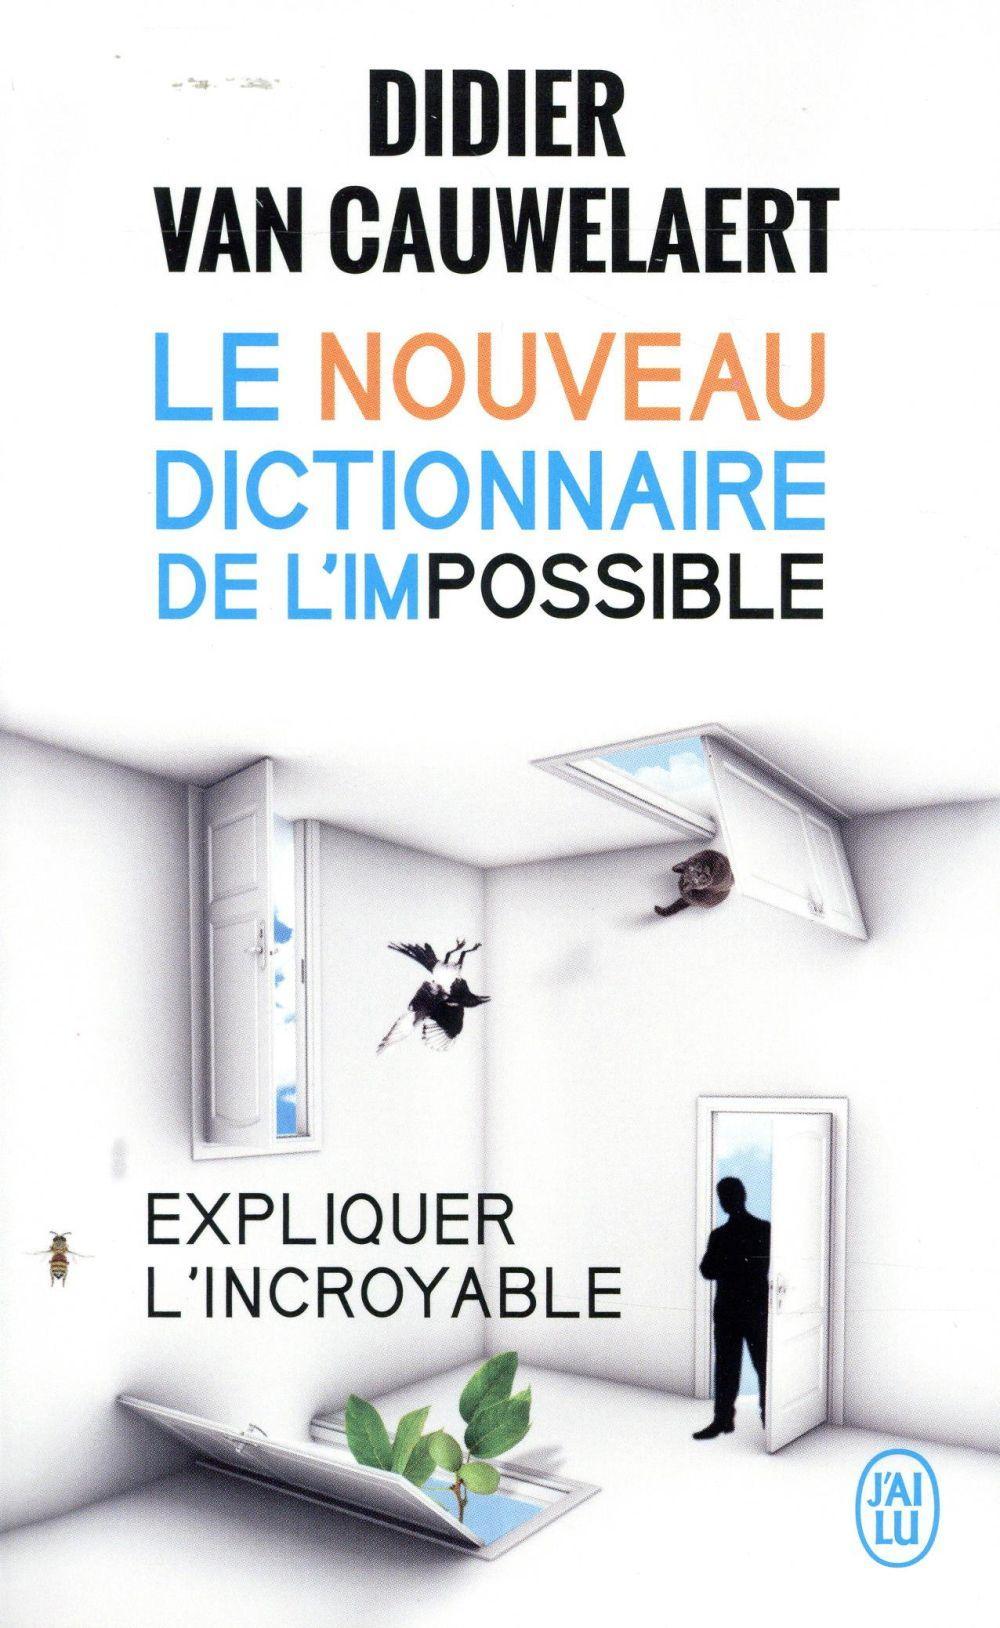 le nouveau dictionnaire de l 39 impossible didier van cauwelaert france loisirs suisse. Black Bedroom Furniture Sets. Home Design Ideas